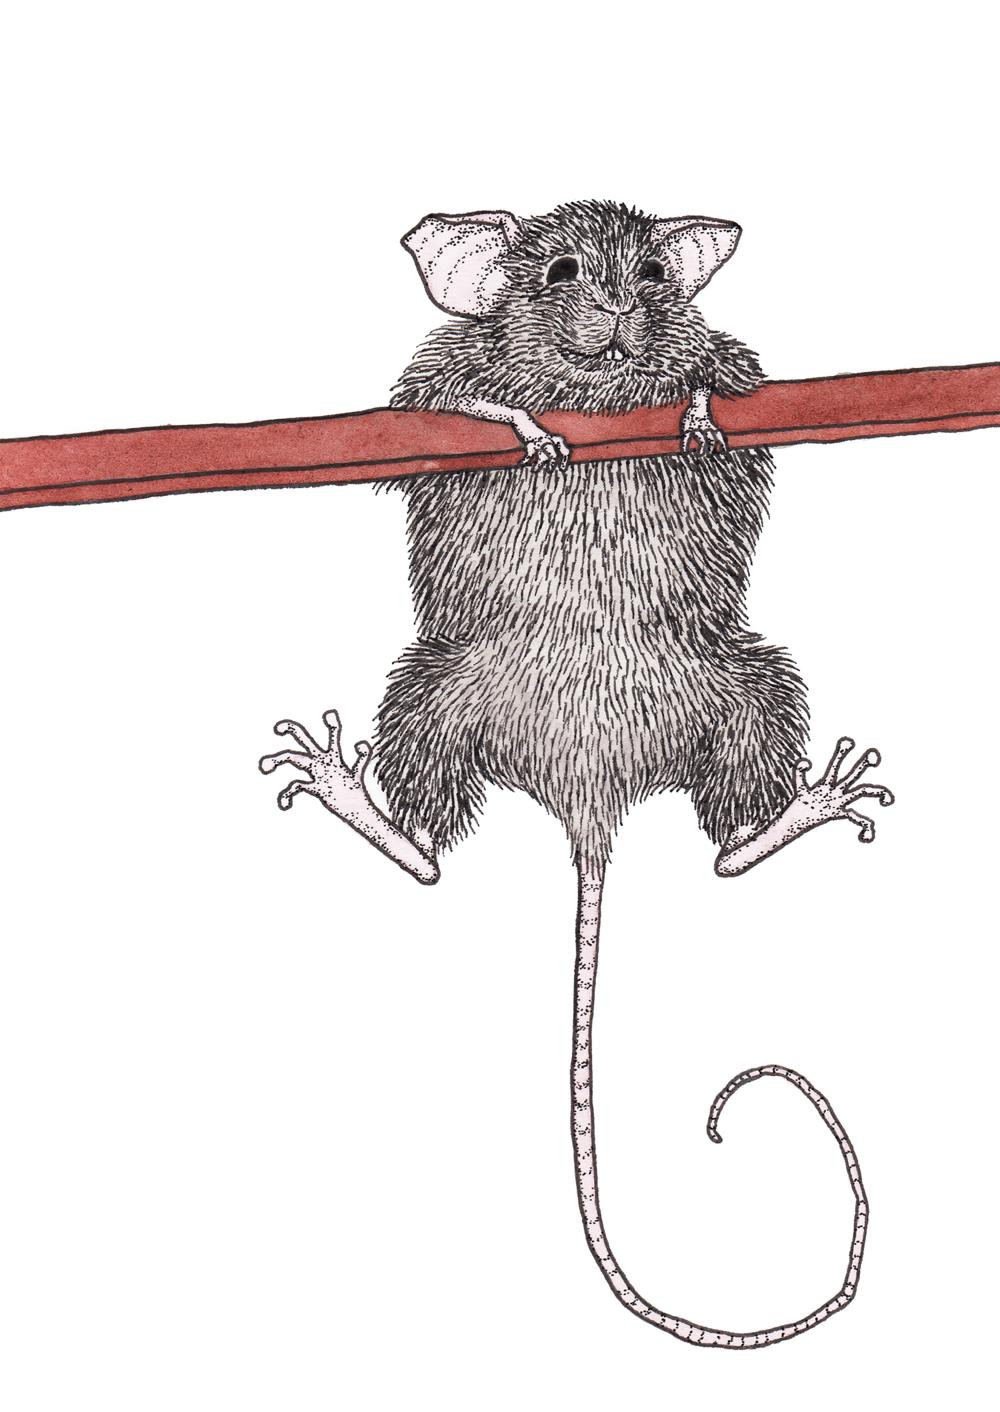 Mouse + Edge